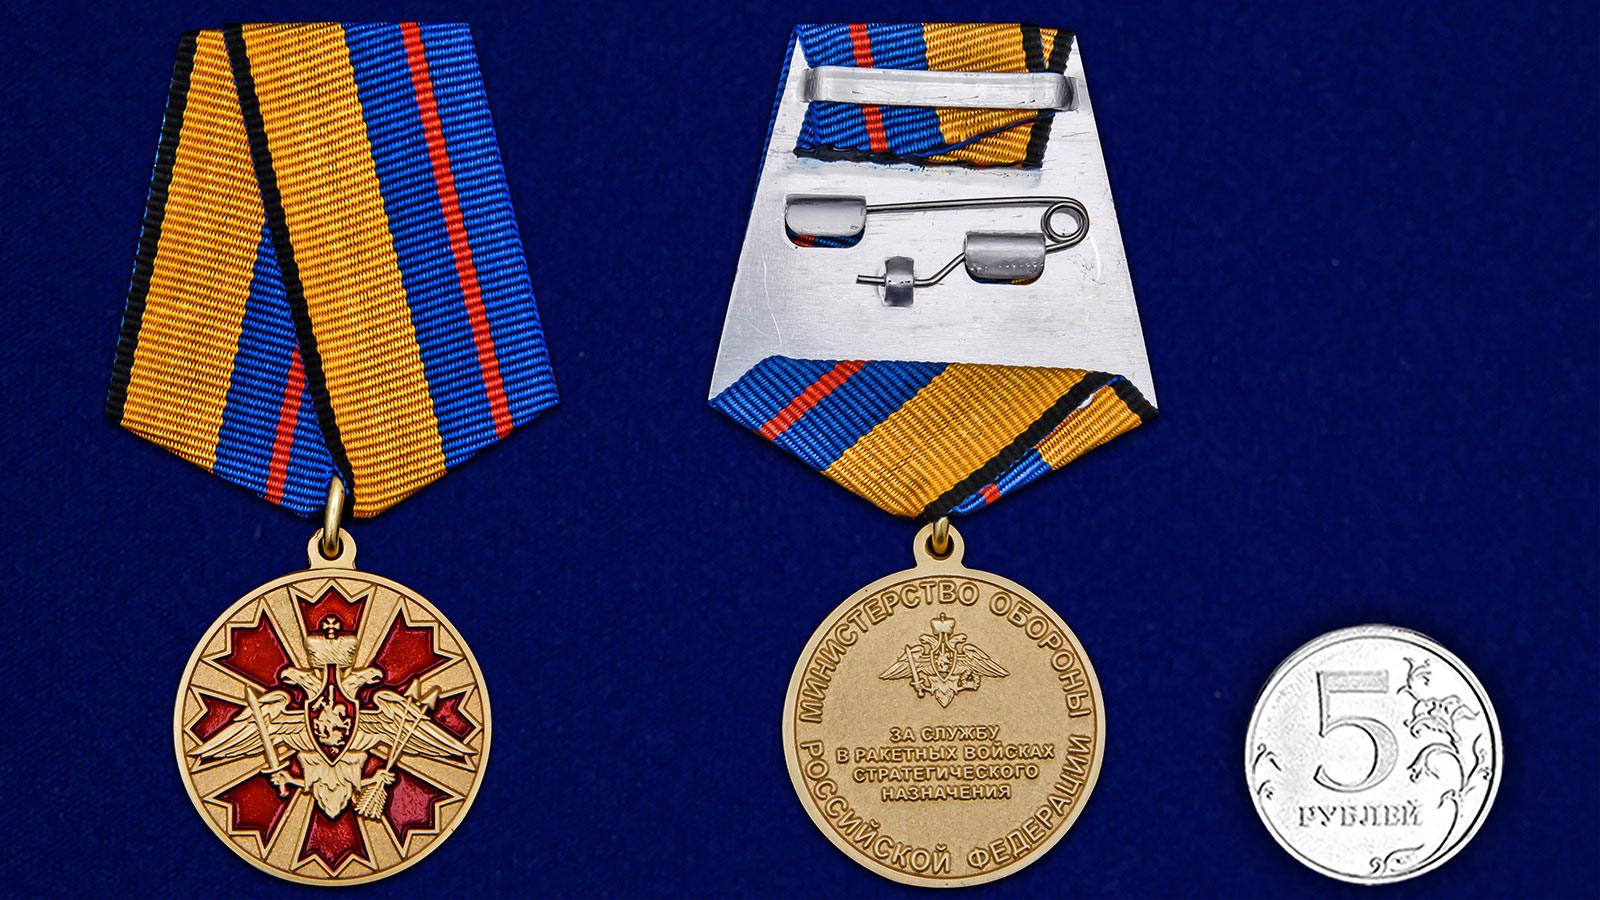 Памятная медаль За службу в Ракетных войсках стратегического назначения - сравнительный вид